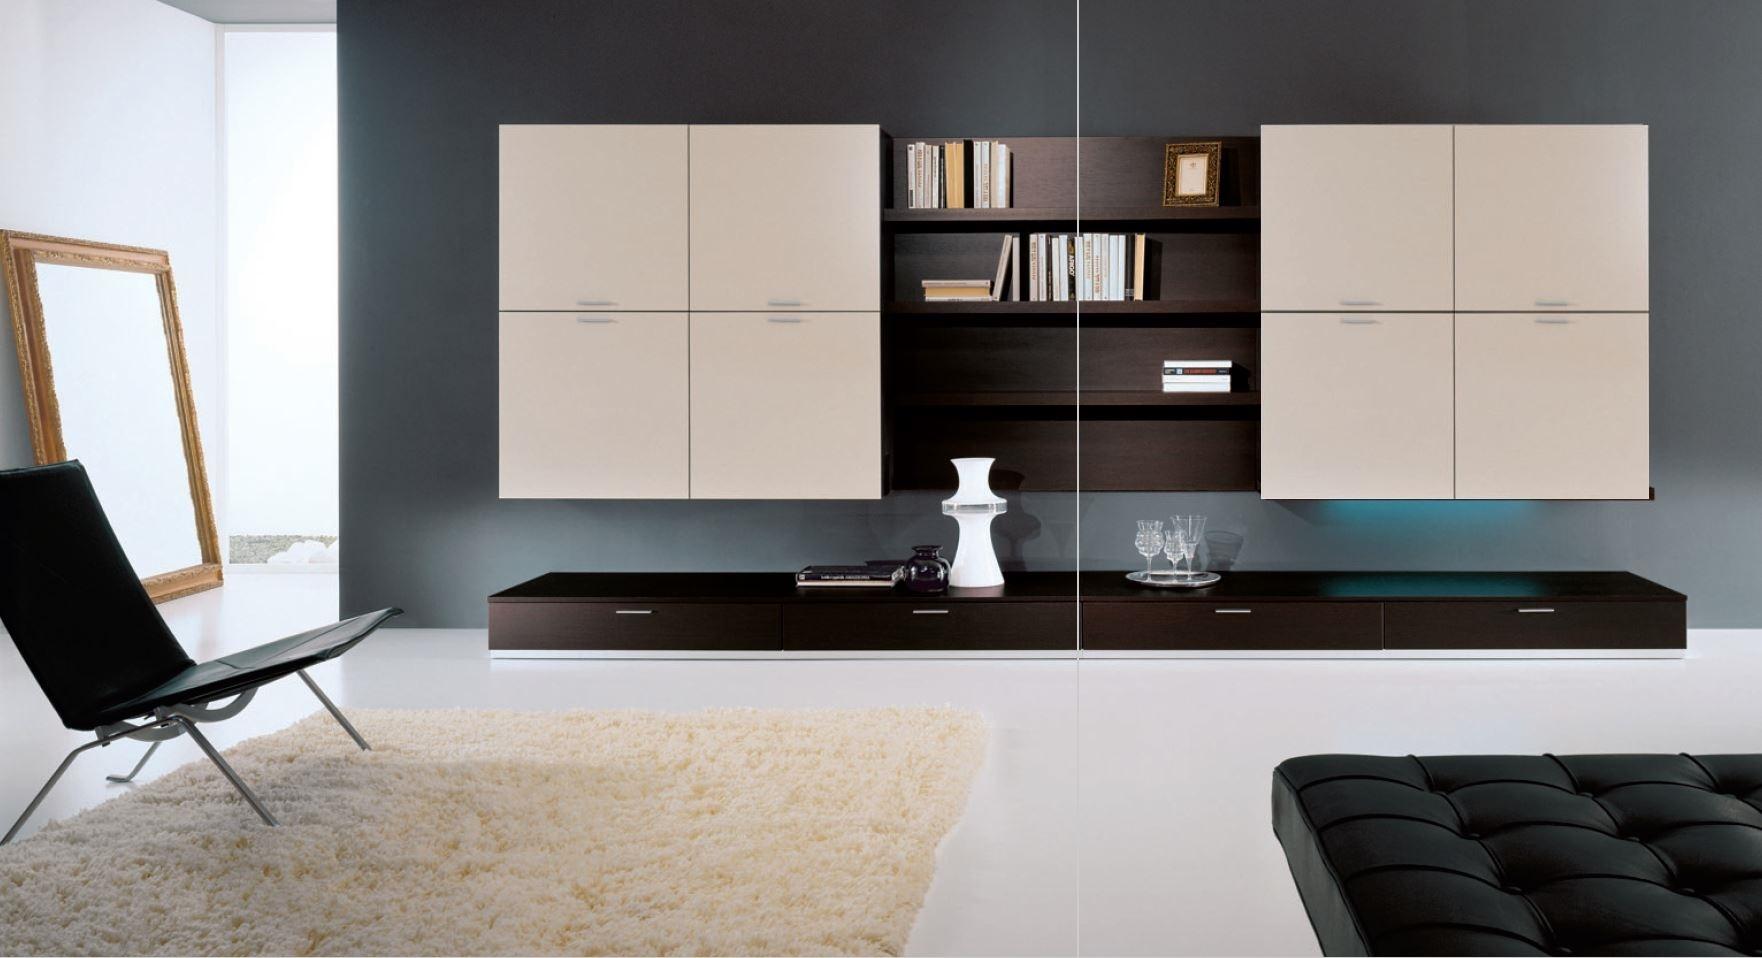 Spar parete attrezzata componibile in offerta - Soggiorni a prezzi ...